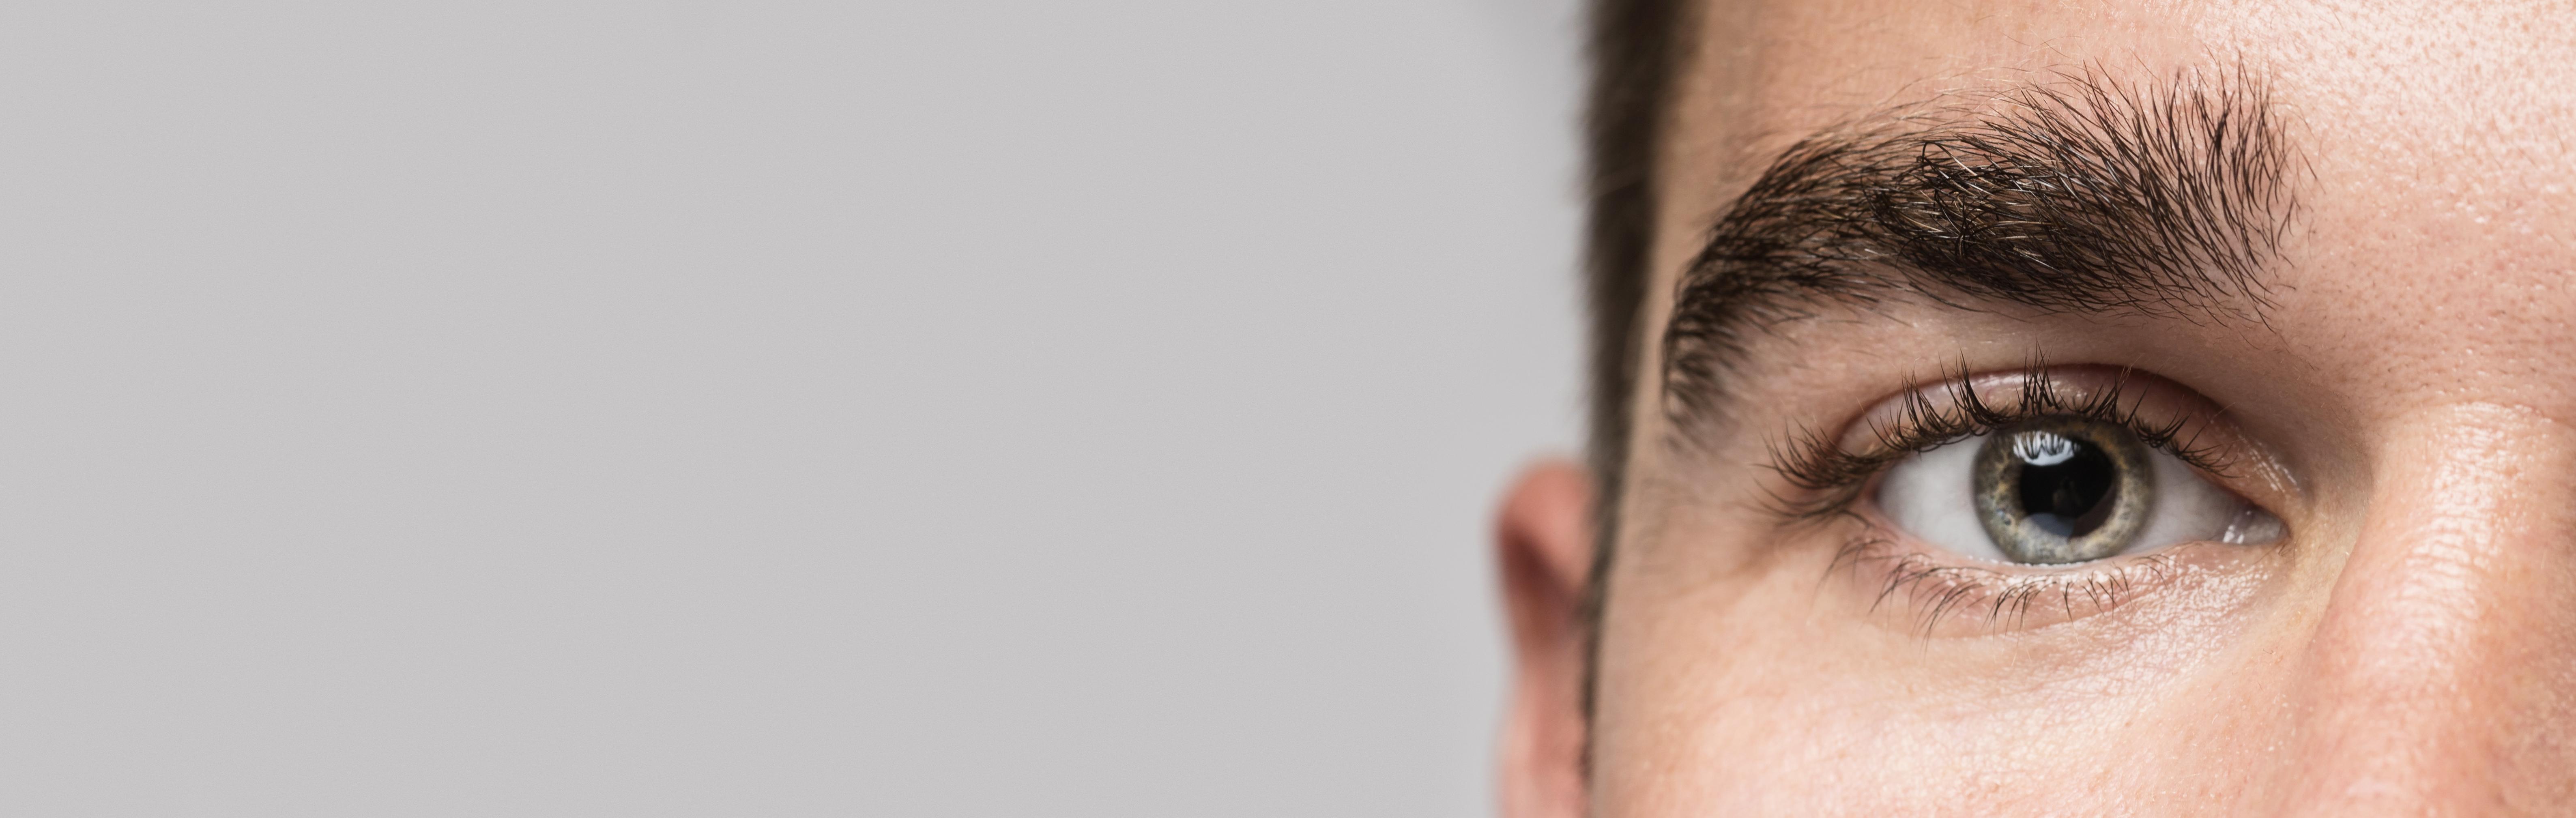 očna proteza